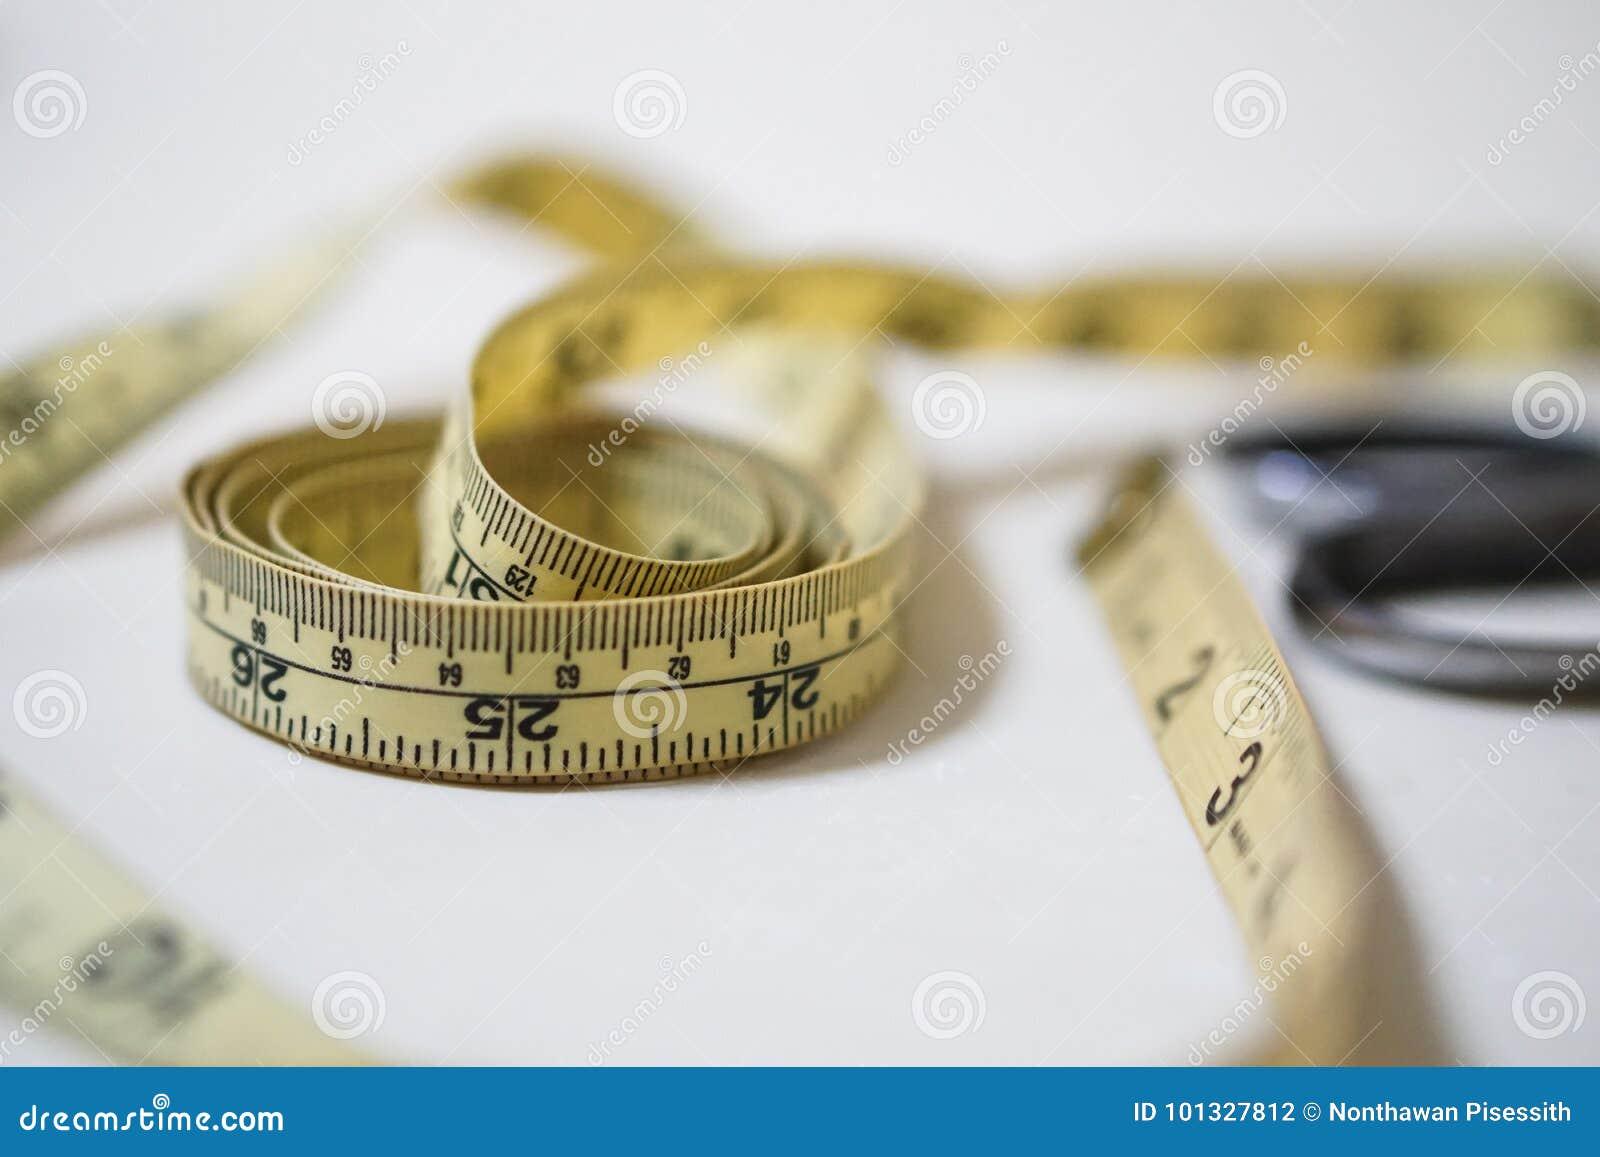 Używać żółtego miękkiego taśma pomiaru władcy szwalny krawiecki zestaw